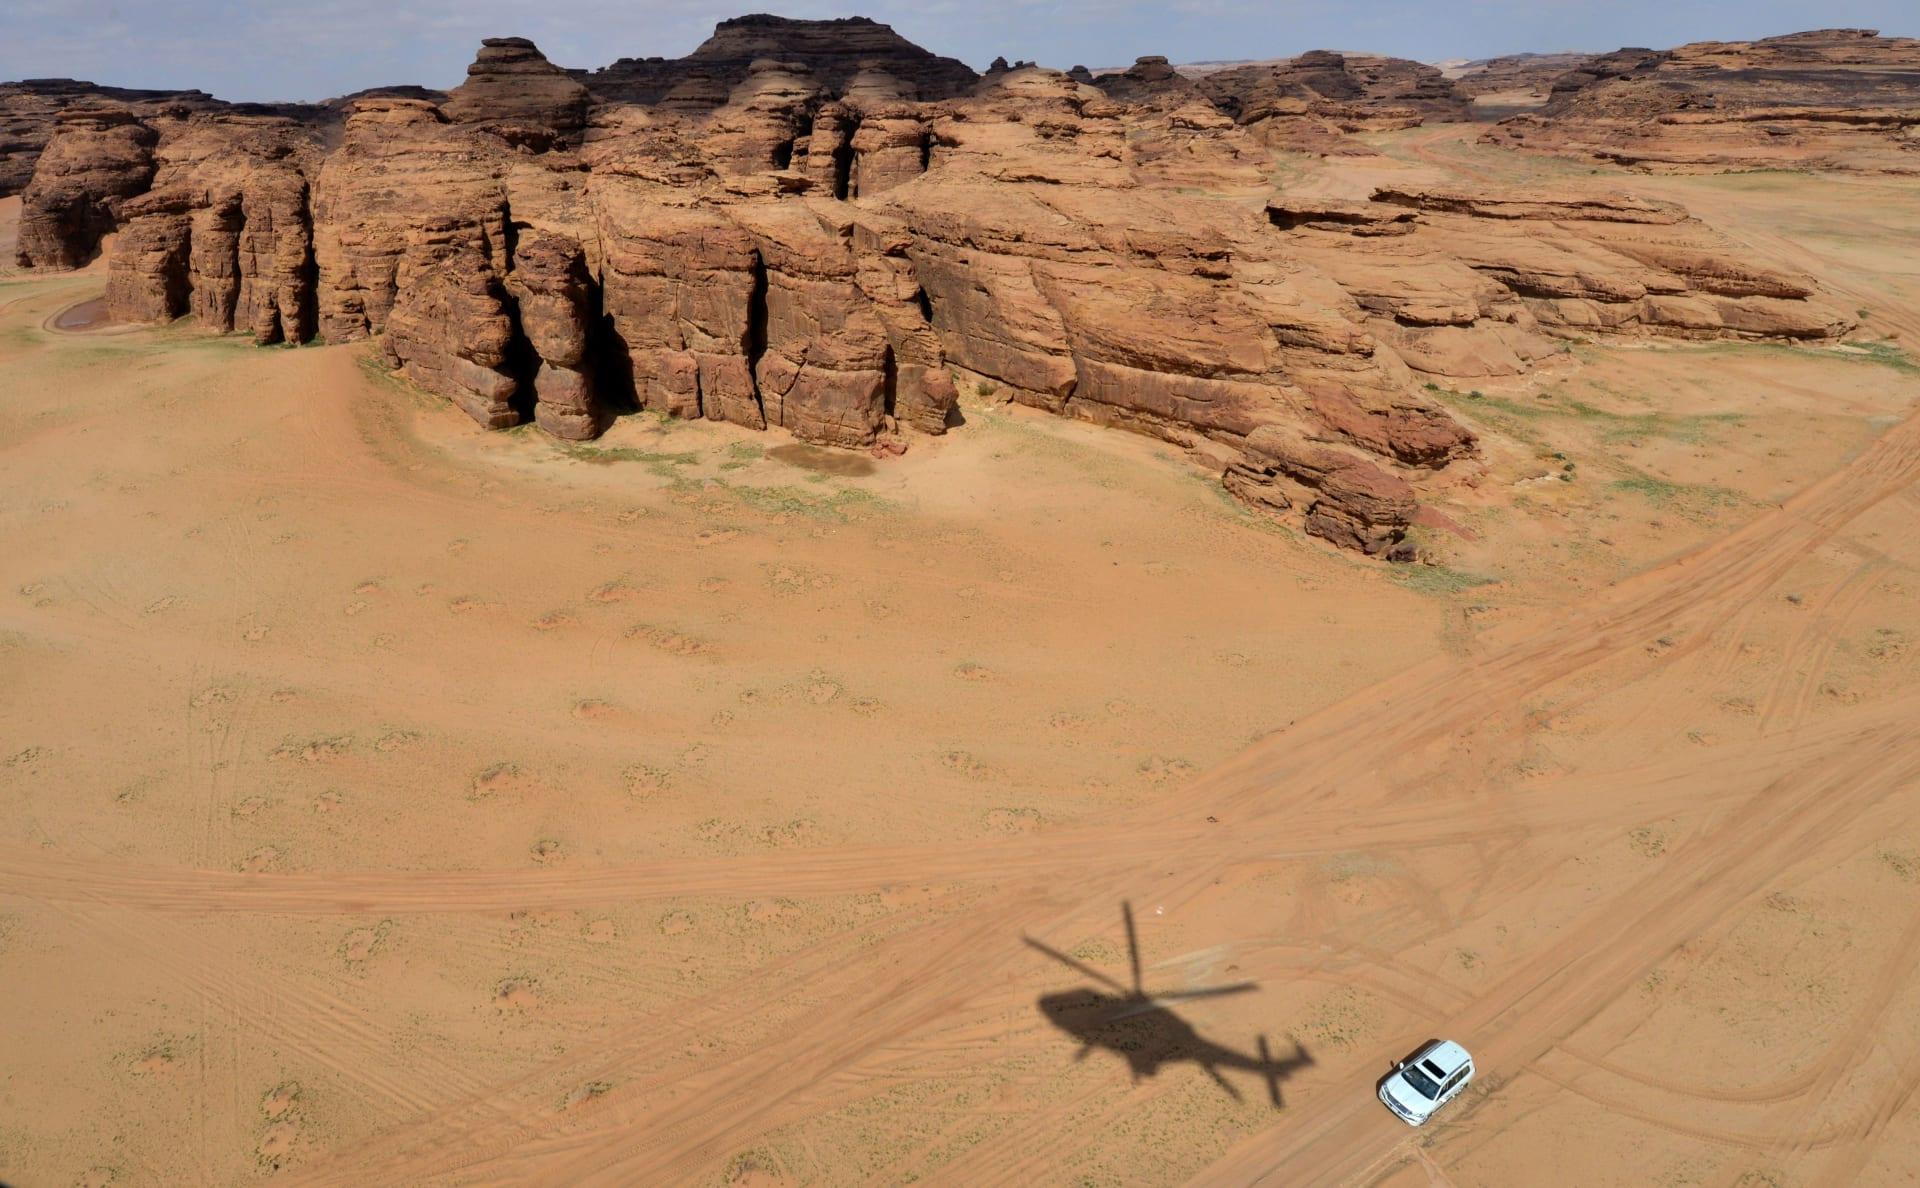 صورة تم التقاطها في 11 فبراير 2019 تُظهر منظرًا جويًا للصخور الملونة في صحراء العلا بالقرب من مدينة العلا شمال غرب السعودية